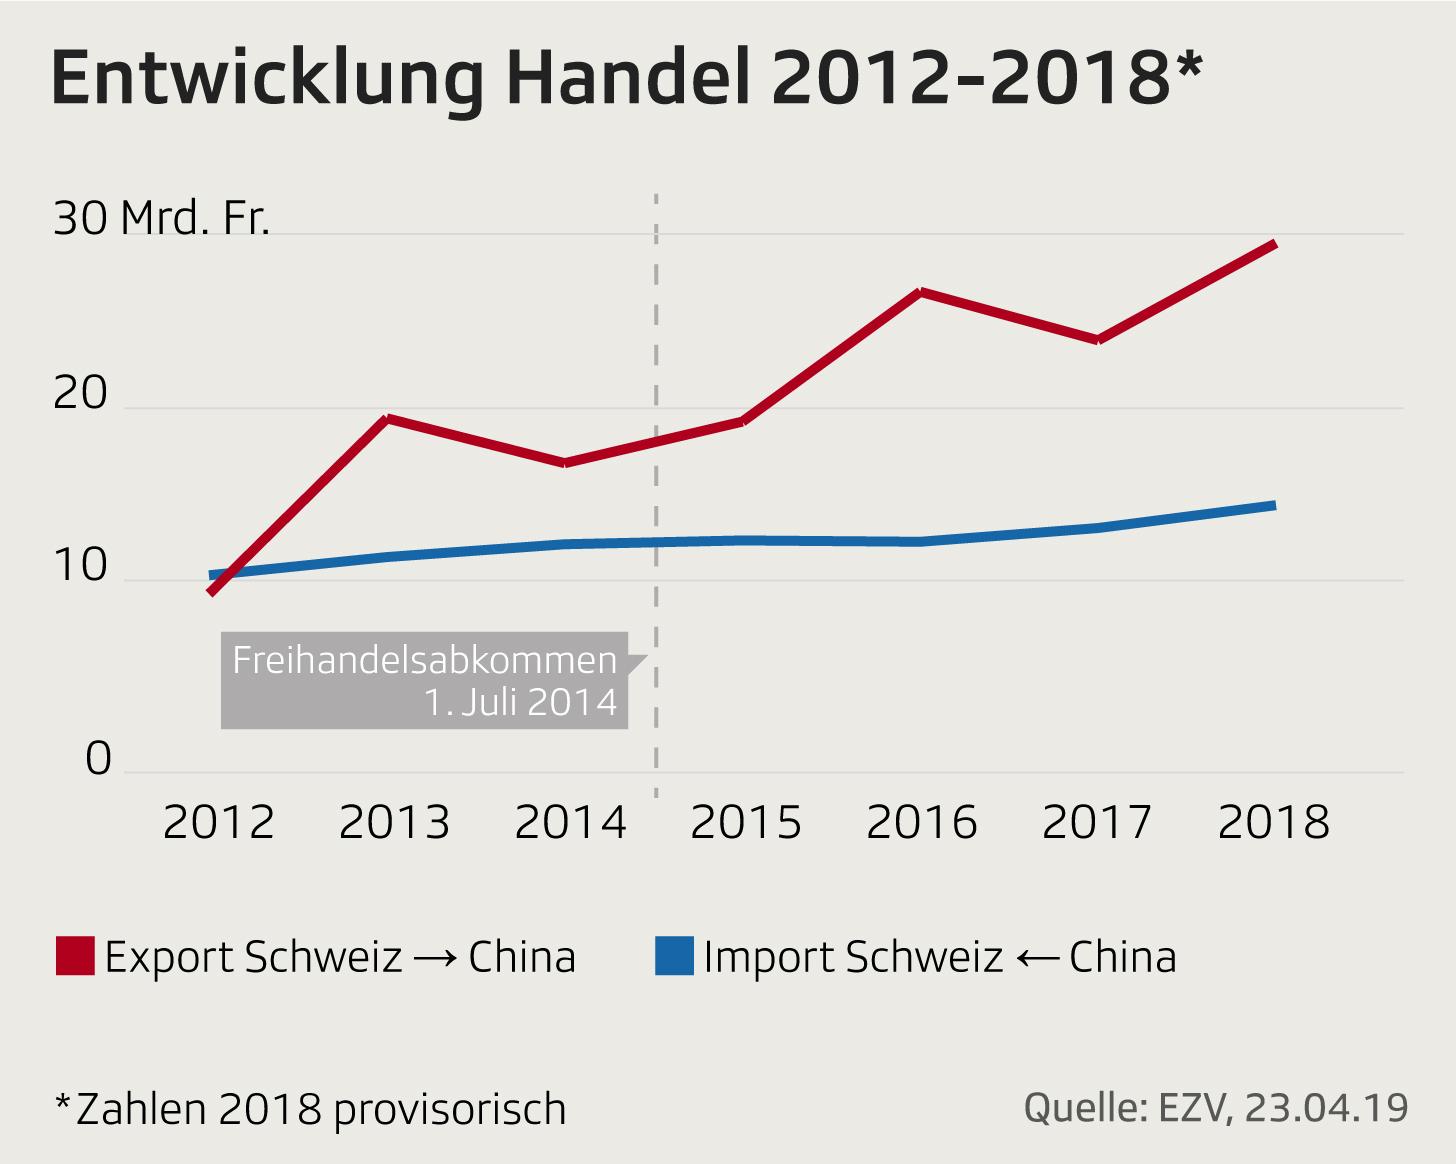 Handelsbilanz Schweiz-China 2012-2018